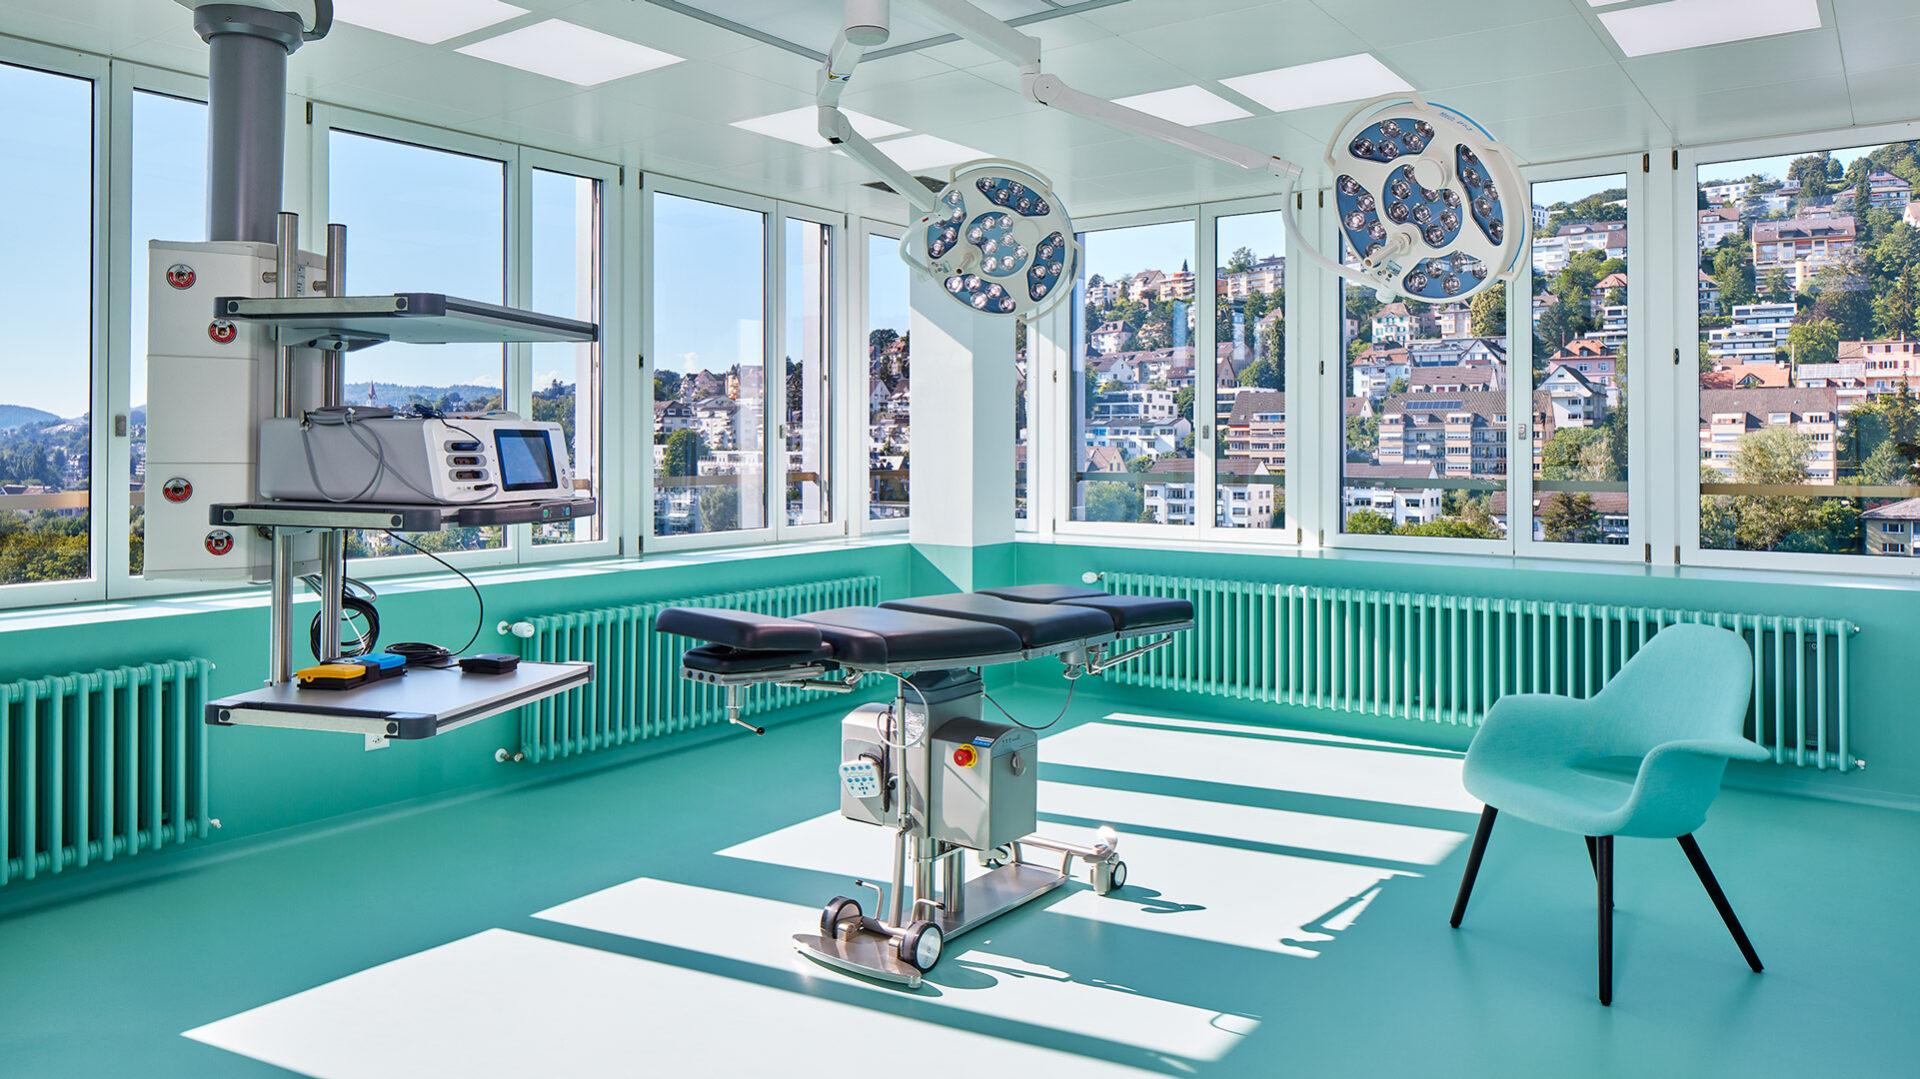 Rivr, medical center for plastic surgery